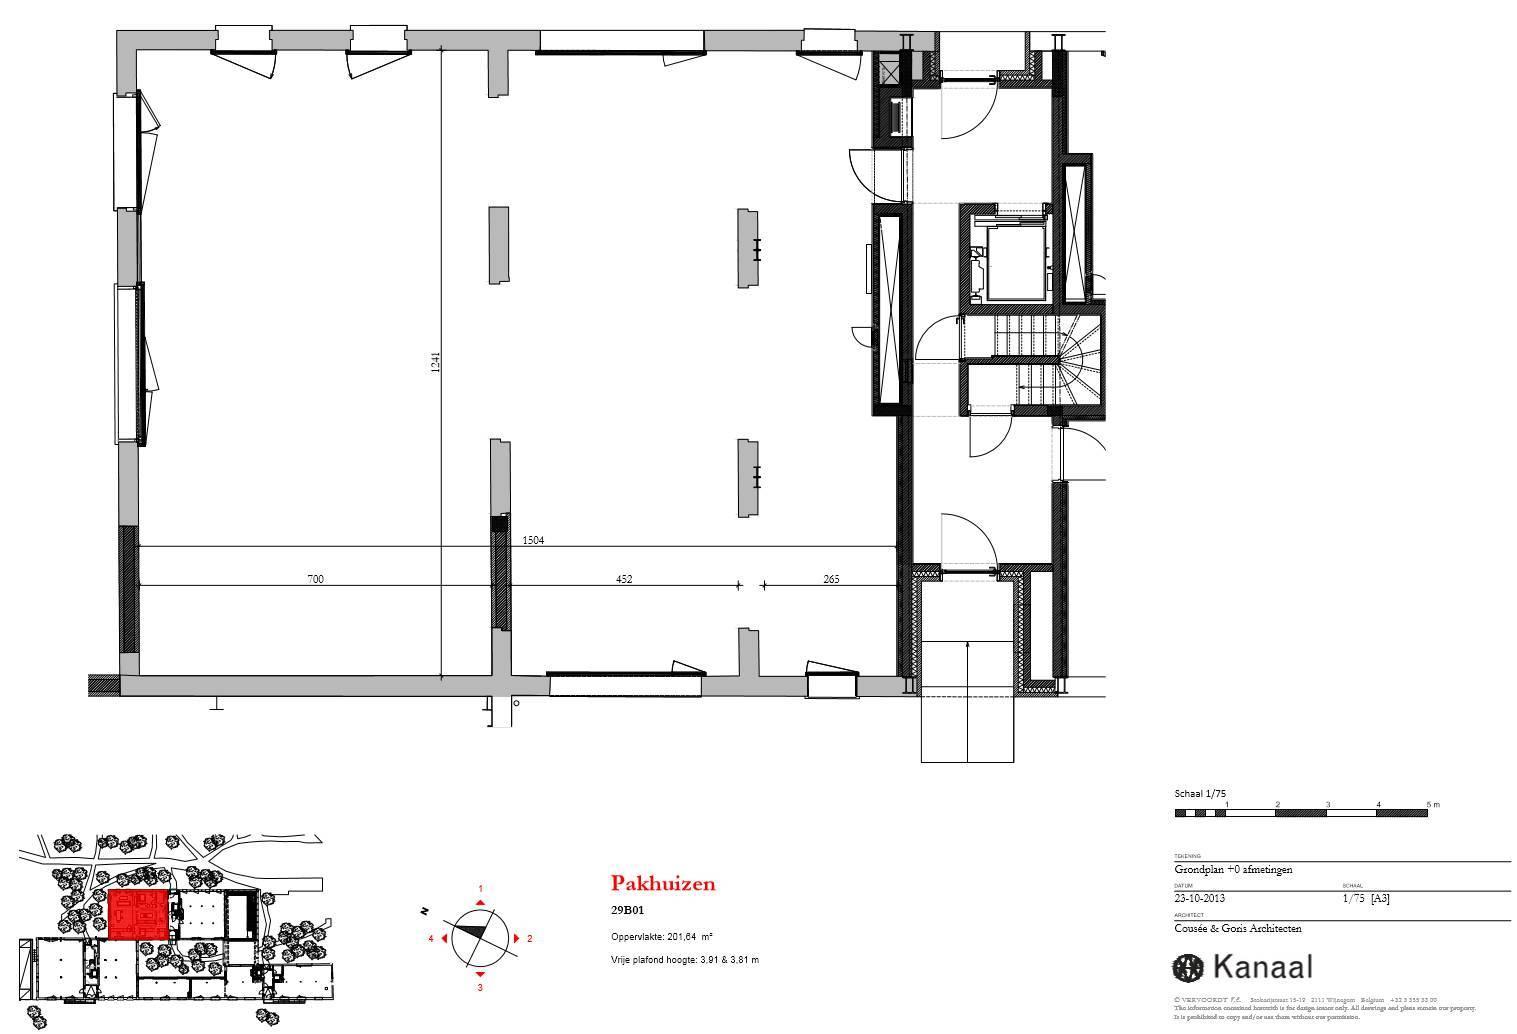 ▲公寓平面图   ▲公寓剖面图图   vervoordt 被日本的侘寂 wabi-sabi 美学深深影响,他喜欢把有残缺之美的东西与西式古董、当代绘画摄影融为一体,塑造出独特的空间.